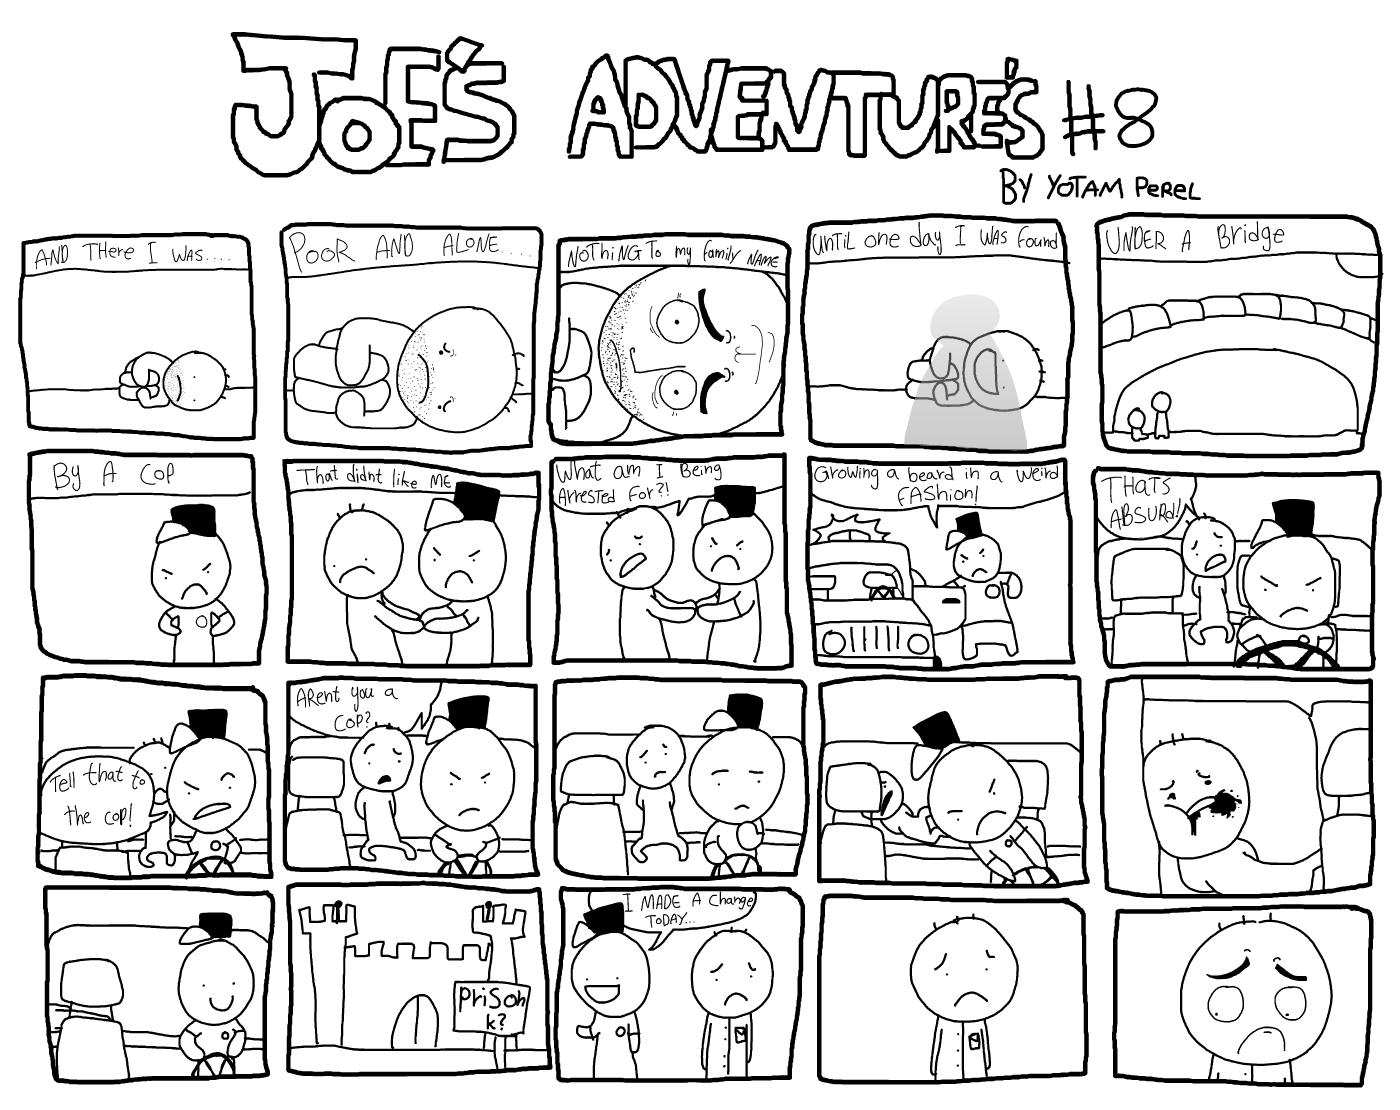 Joe's Adventures 8